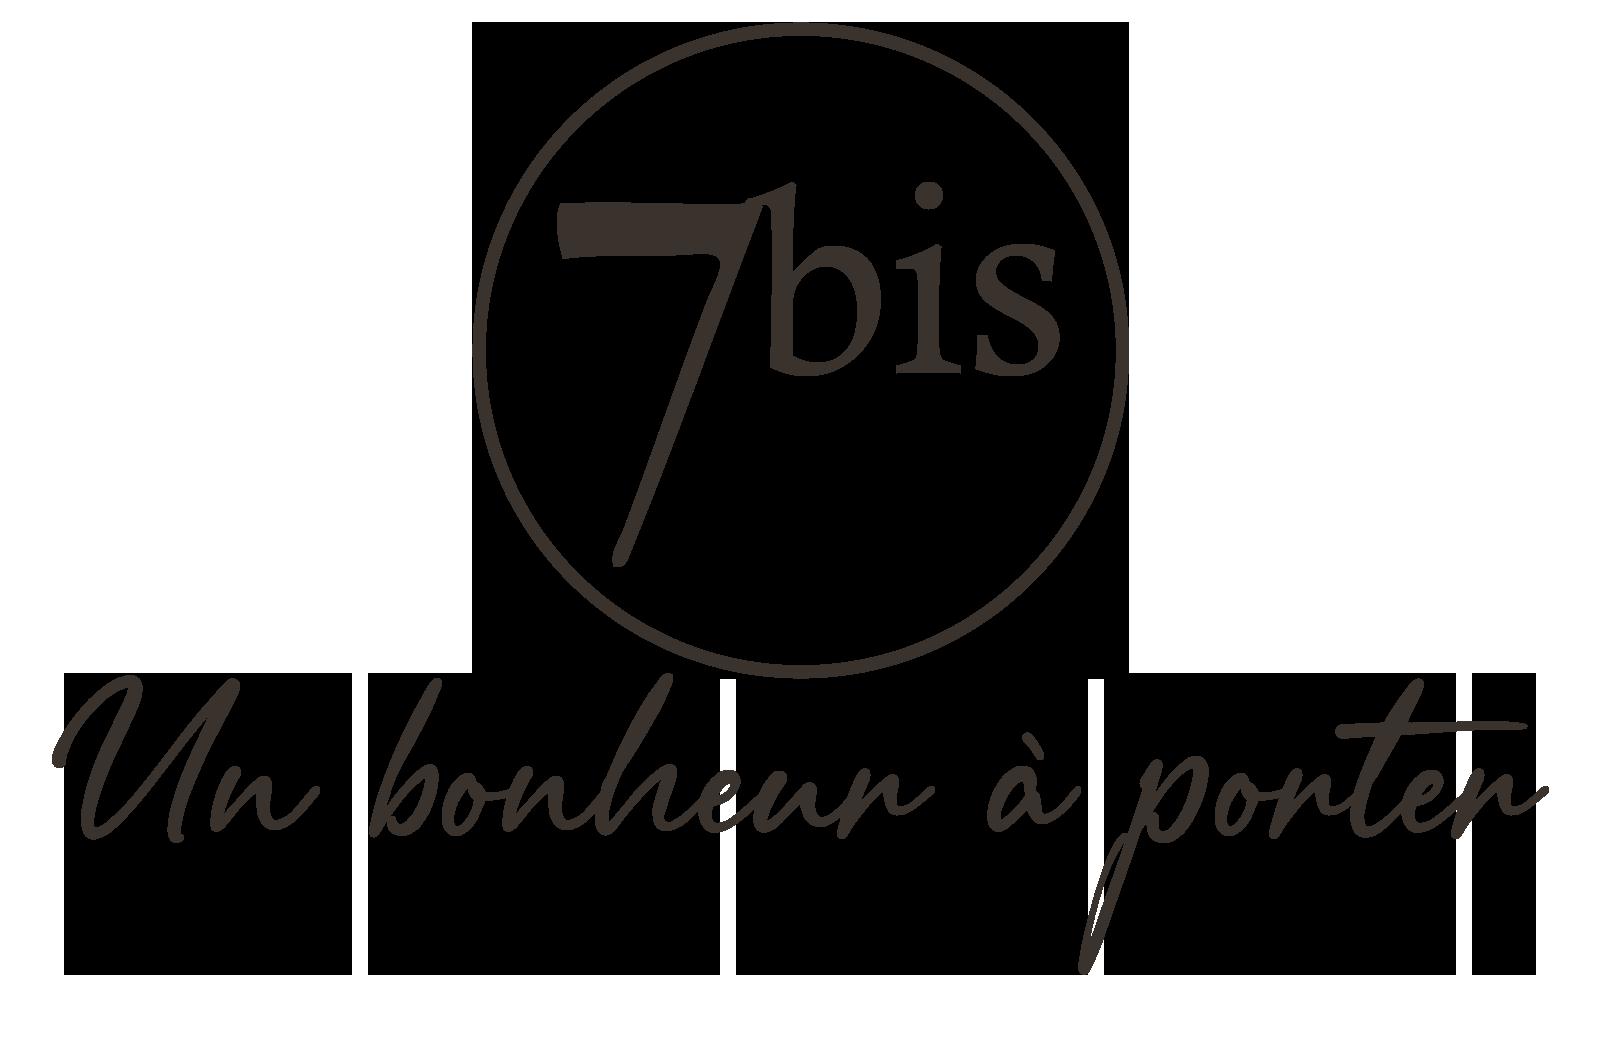 Bijoux 7bis Paris